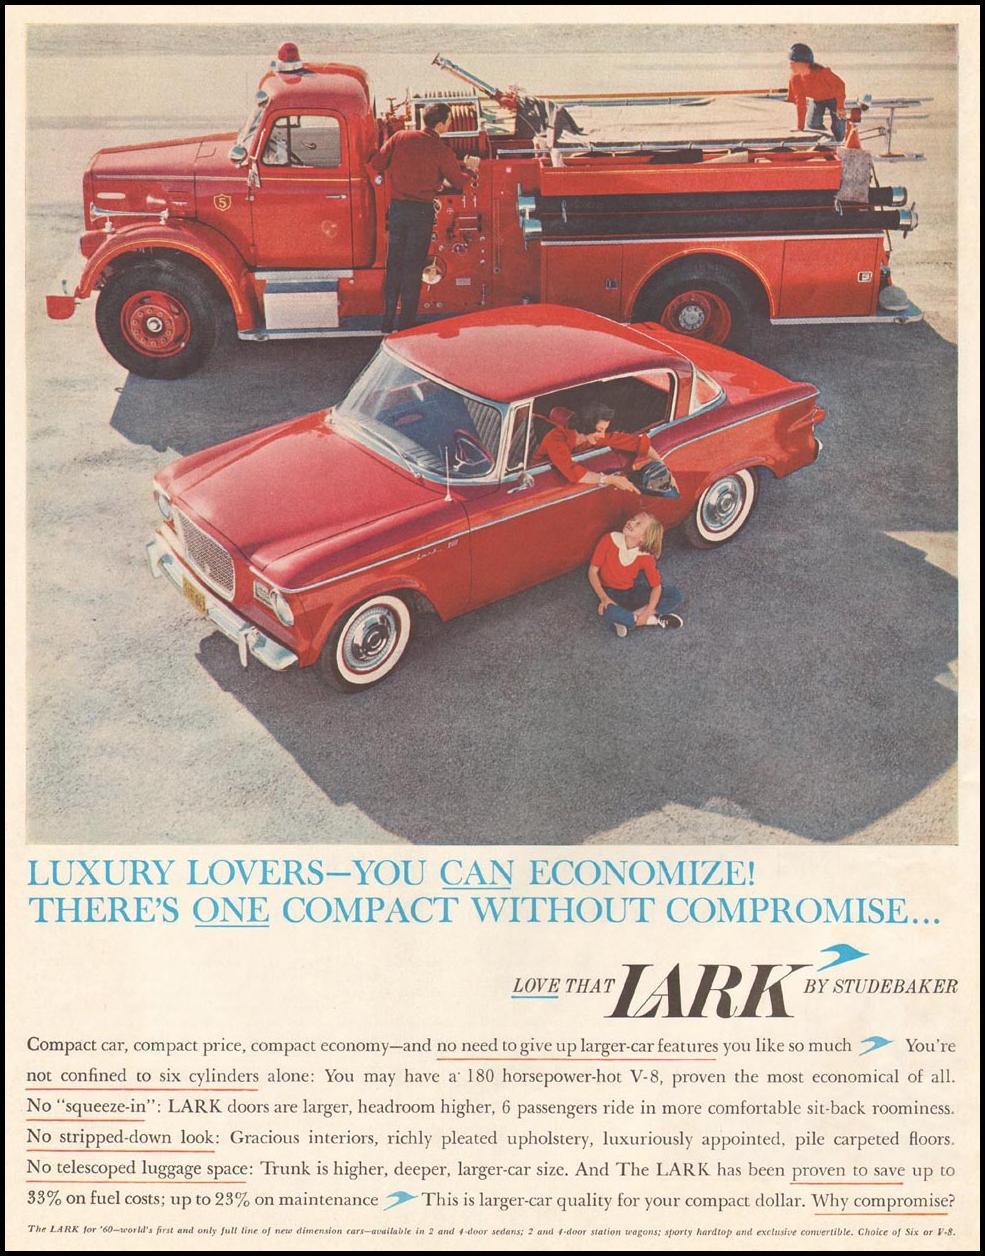 LARK AUTOMOBILES SATURDAY EVENING POST 06/11/1960 p. 24